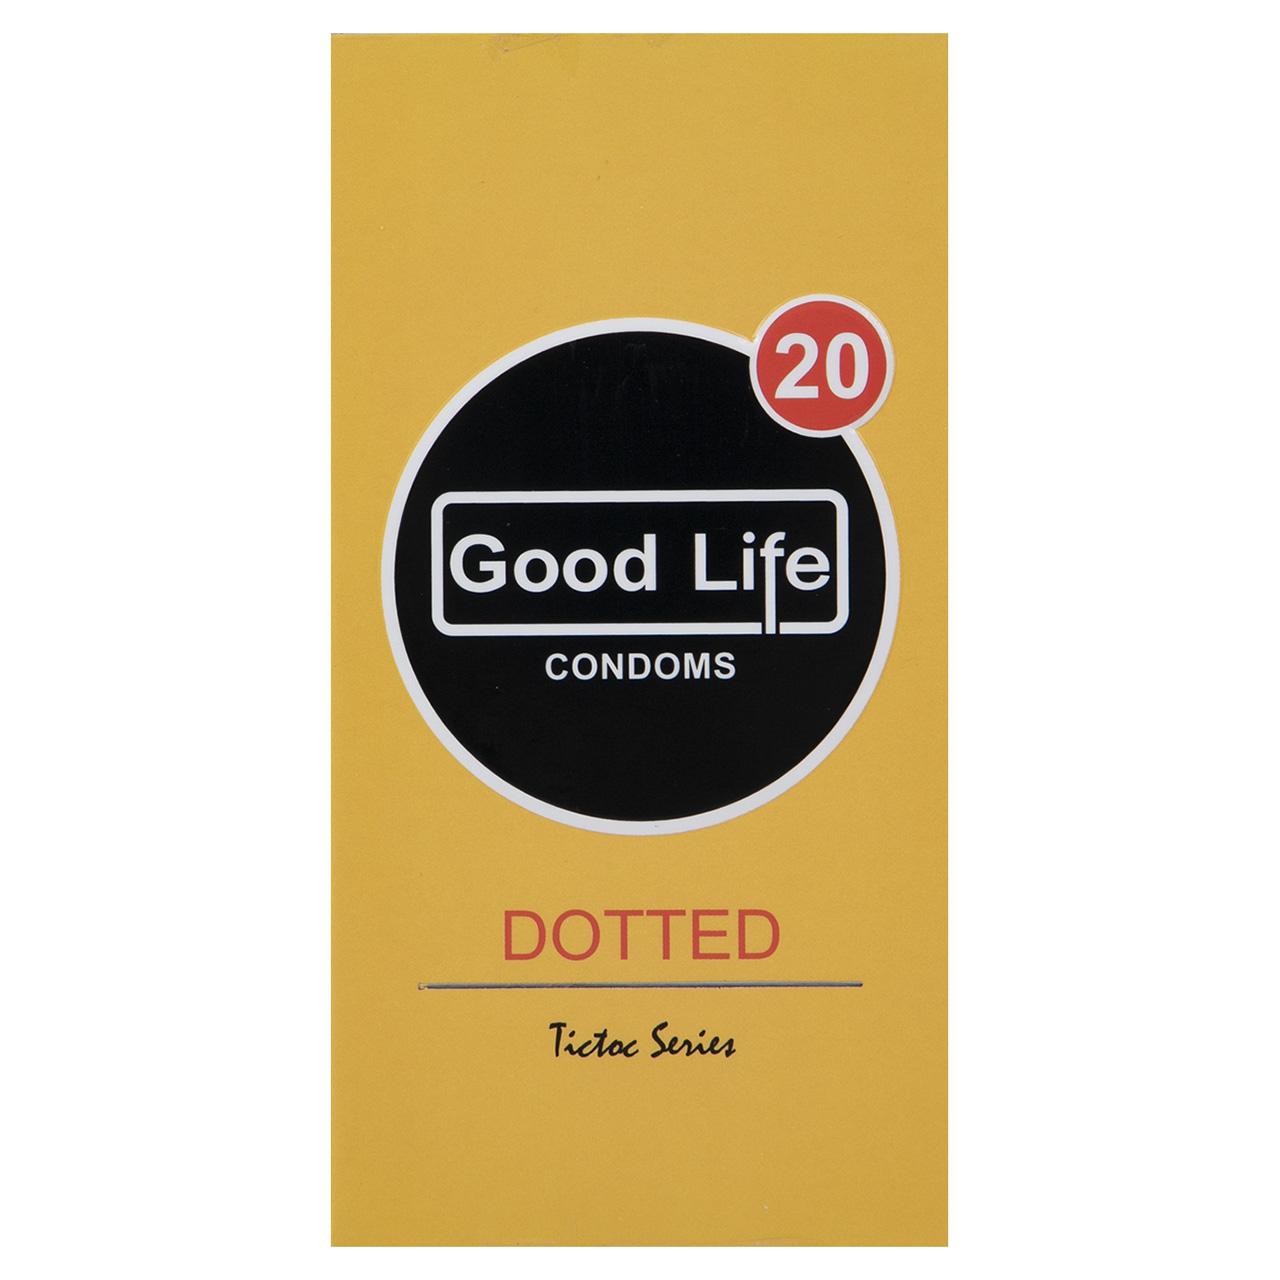 قیمت کاندوم گودلایف مدل Dotted بسته 12 عددی